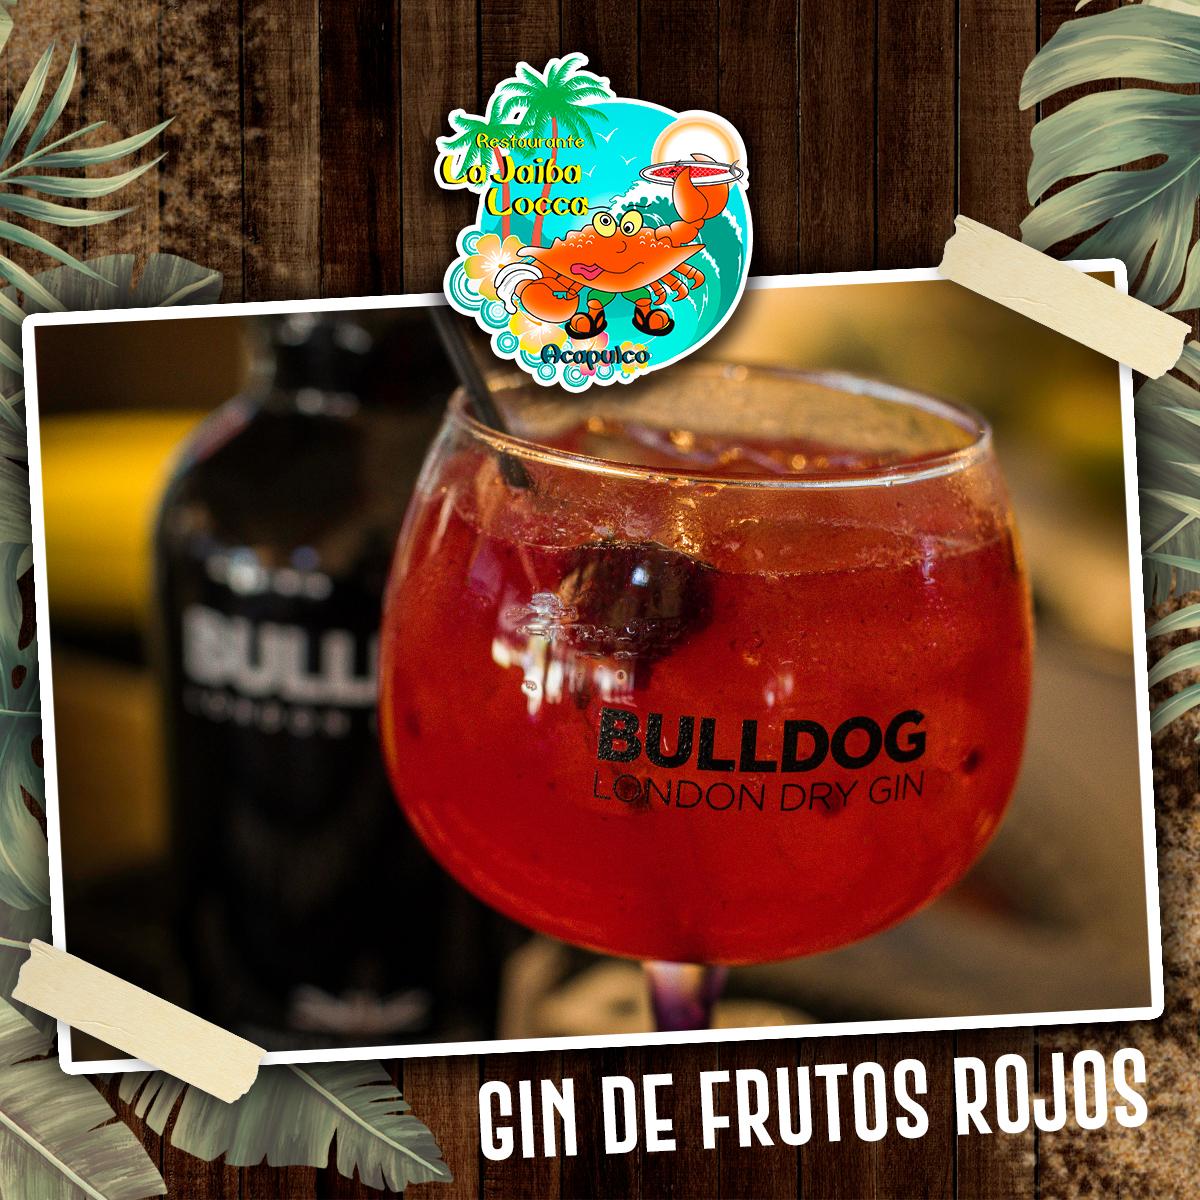 https://0201.nccdn.net/1_2/000/000/165/e7a/gin-de-frutos-rojos.jpg